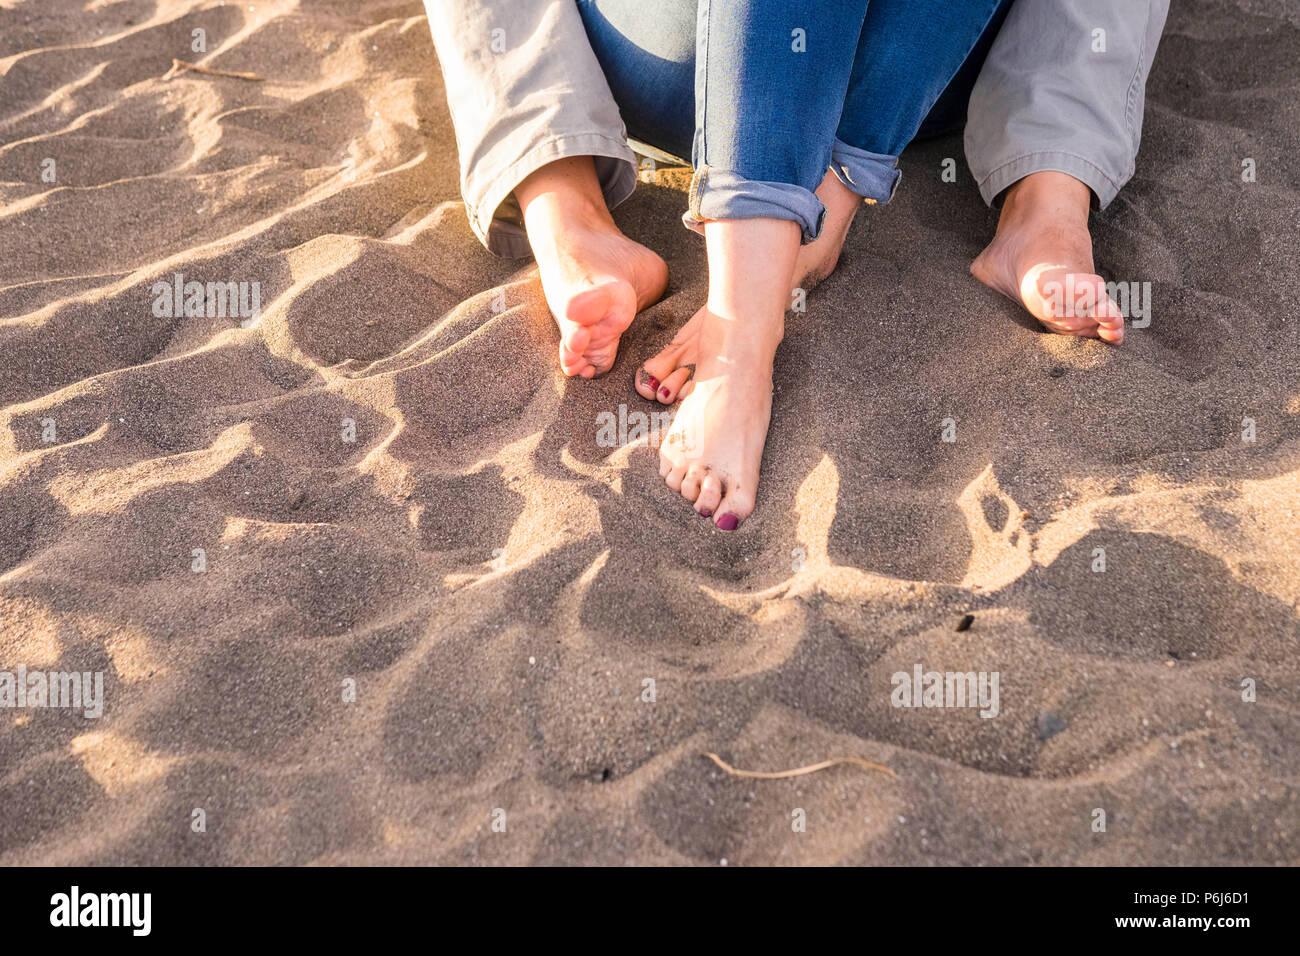 Umarmte Füße im Sommer sonnigen Tag am Strand für Urlaub oder Freizeit zusammen in Paar. Liebe und Beziehung Konzept mit Mann und Frau t Stockbild